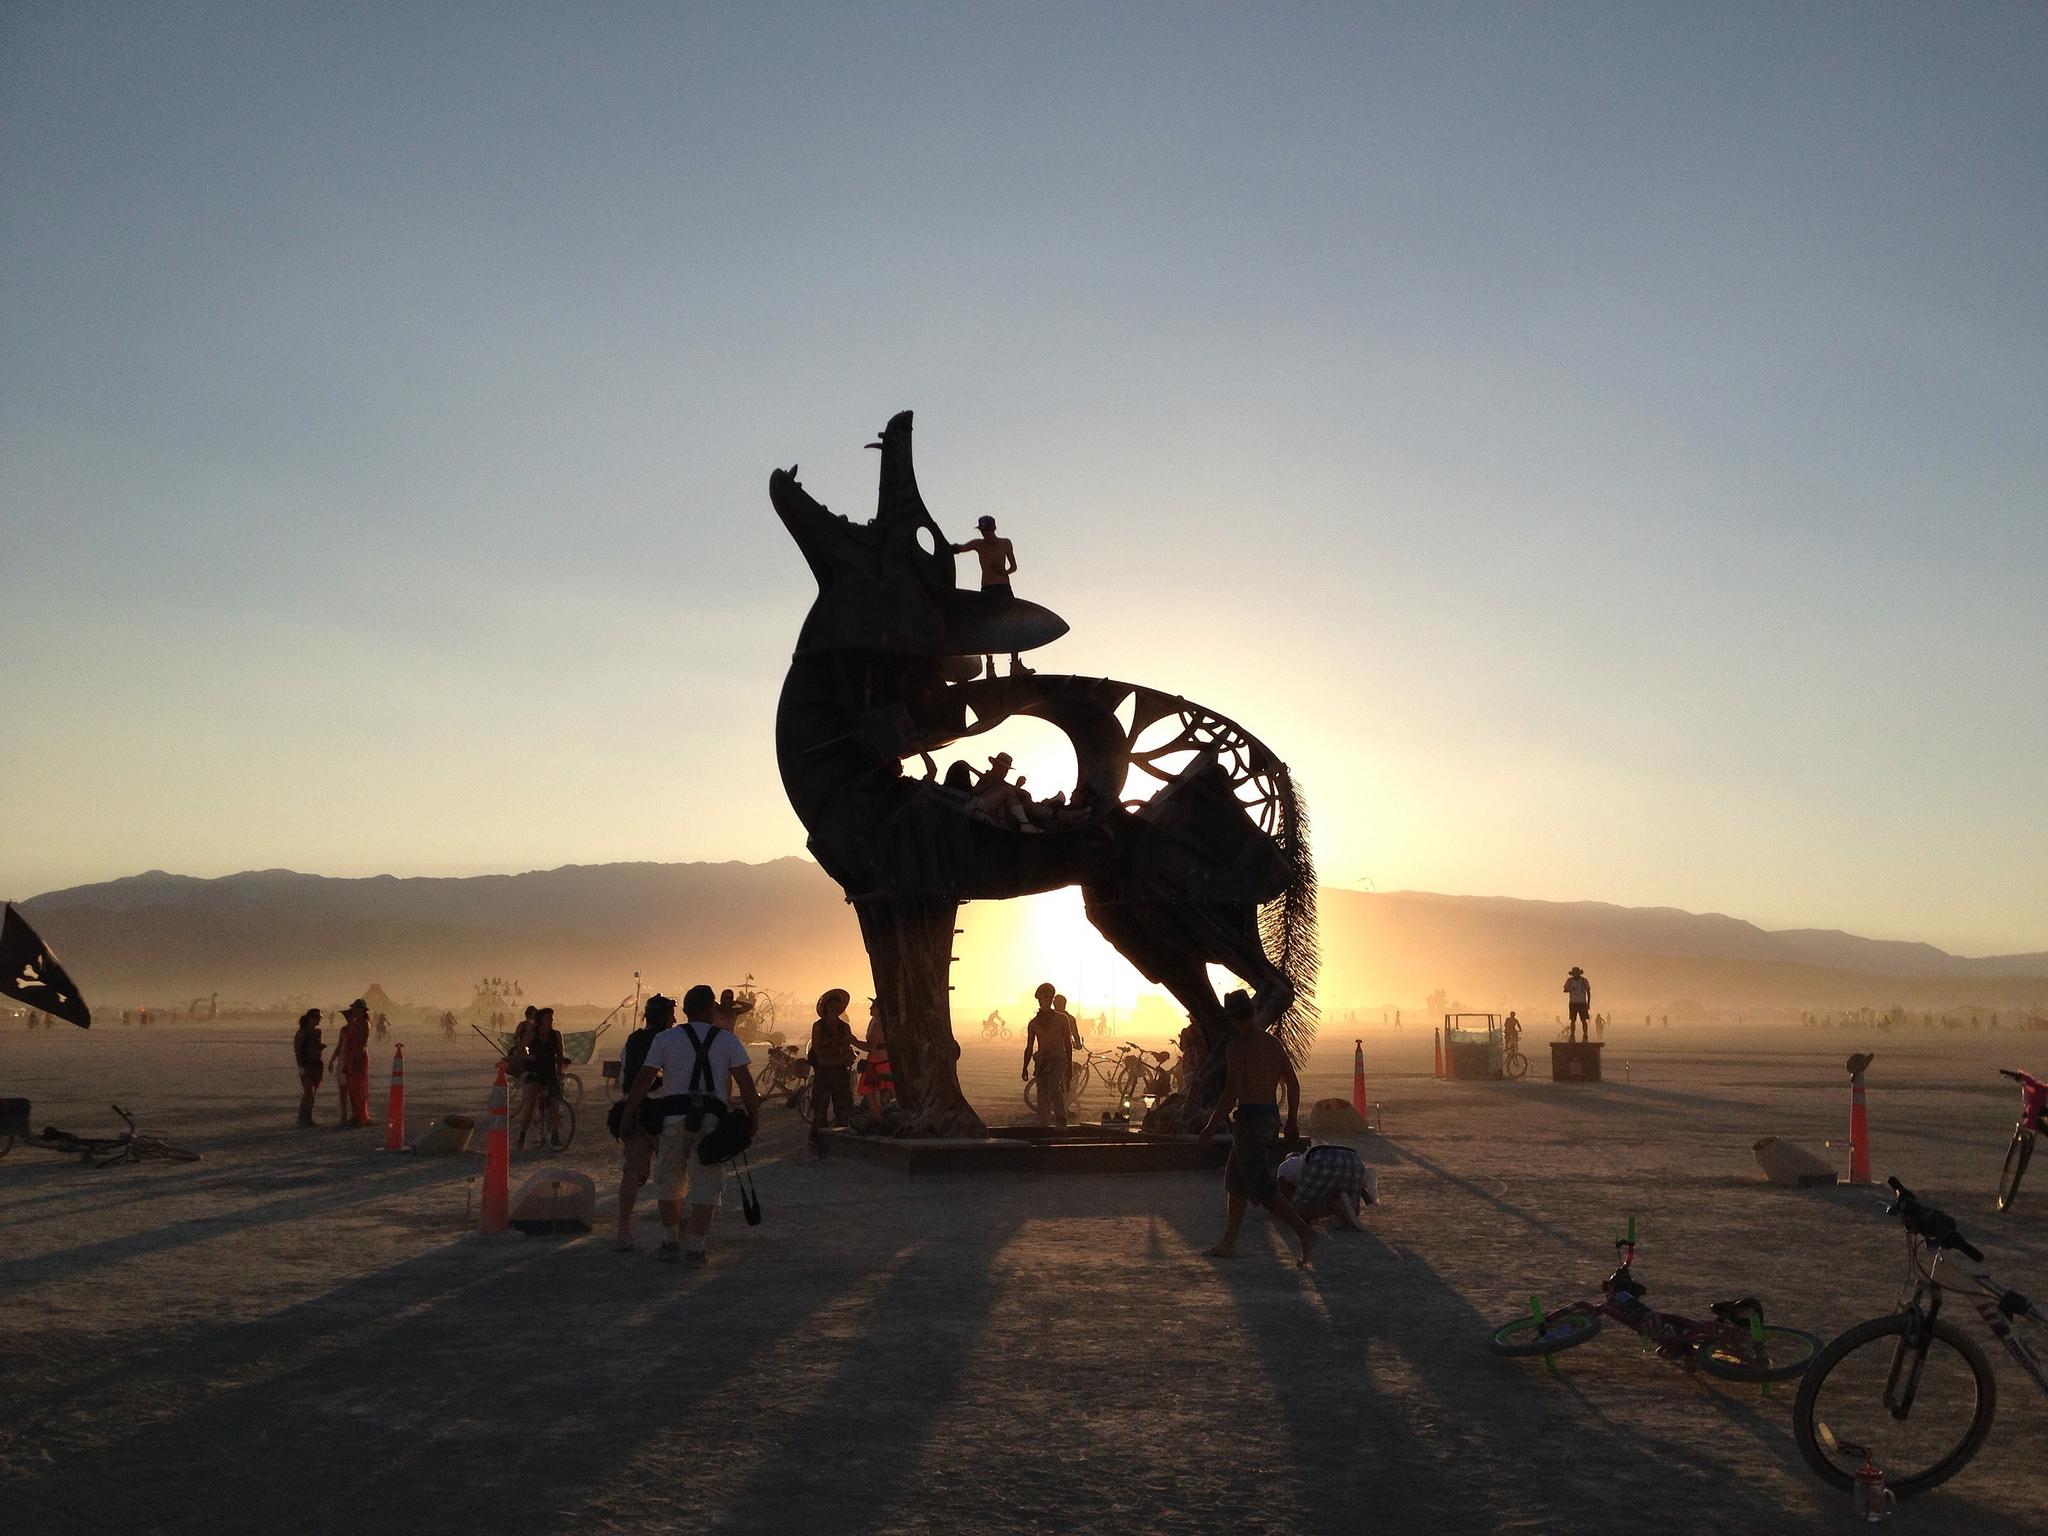 Burning Man - Voyageurs Sans Frontieres travel blog